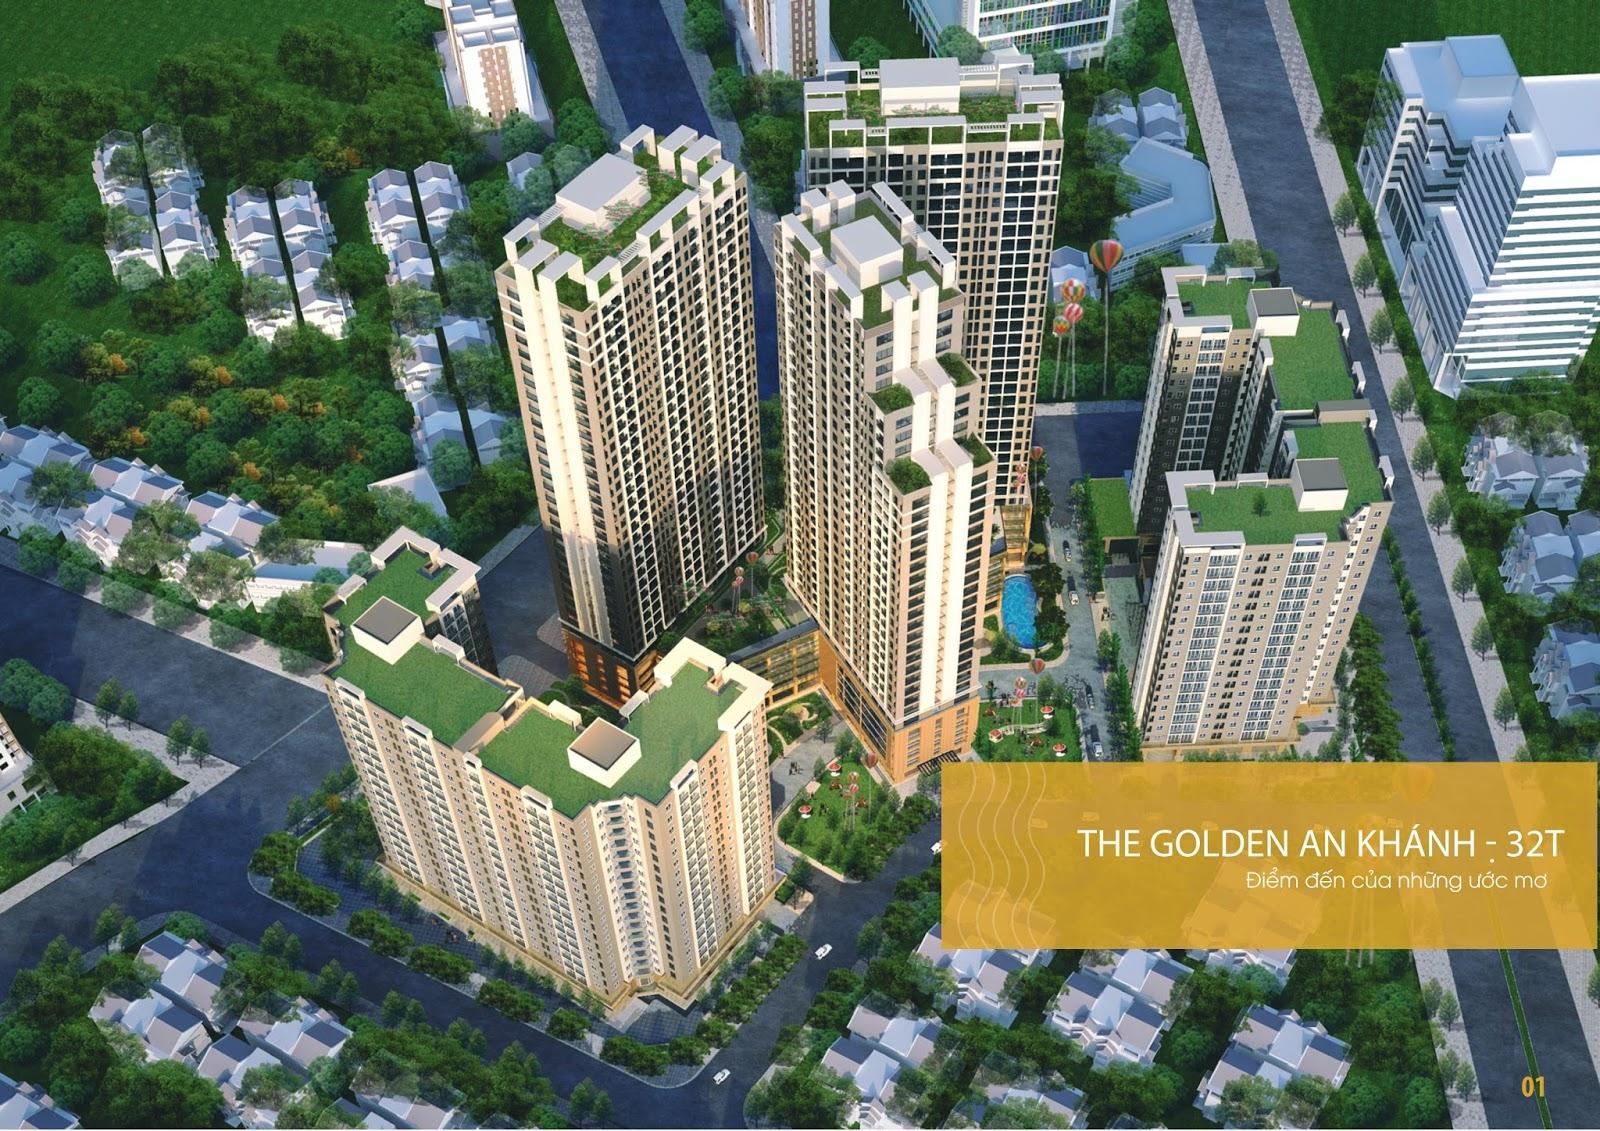 Quy mô chung cư The Golden An Khánh